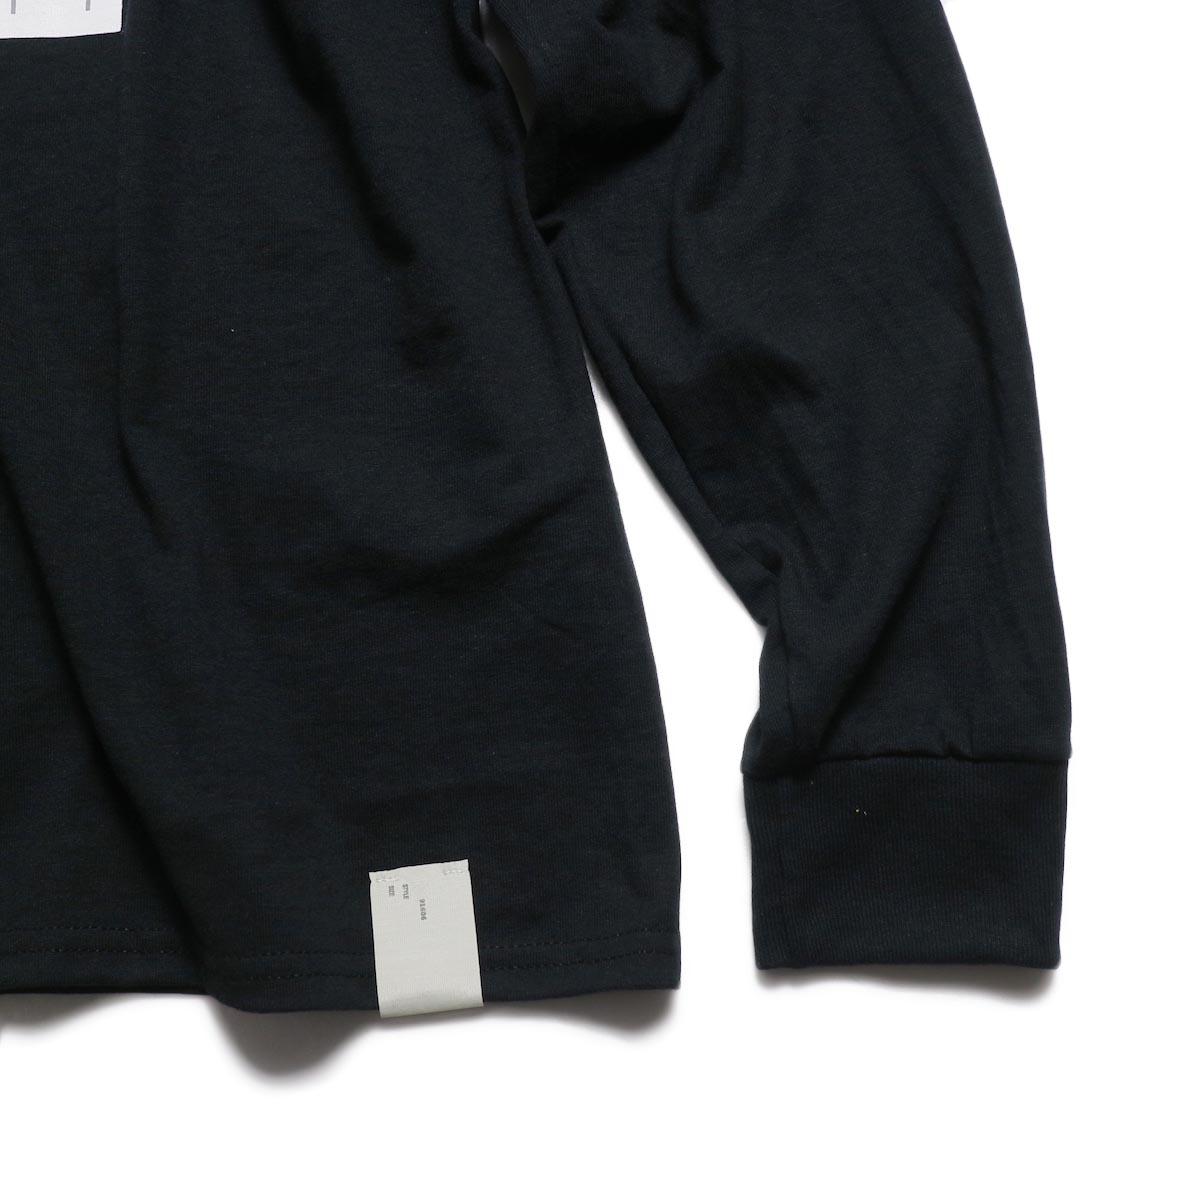 N.HOOLYWOOD × JERZEES  / 191-CS43-070 Long Sleeve Tee -Black タグ